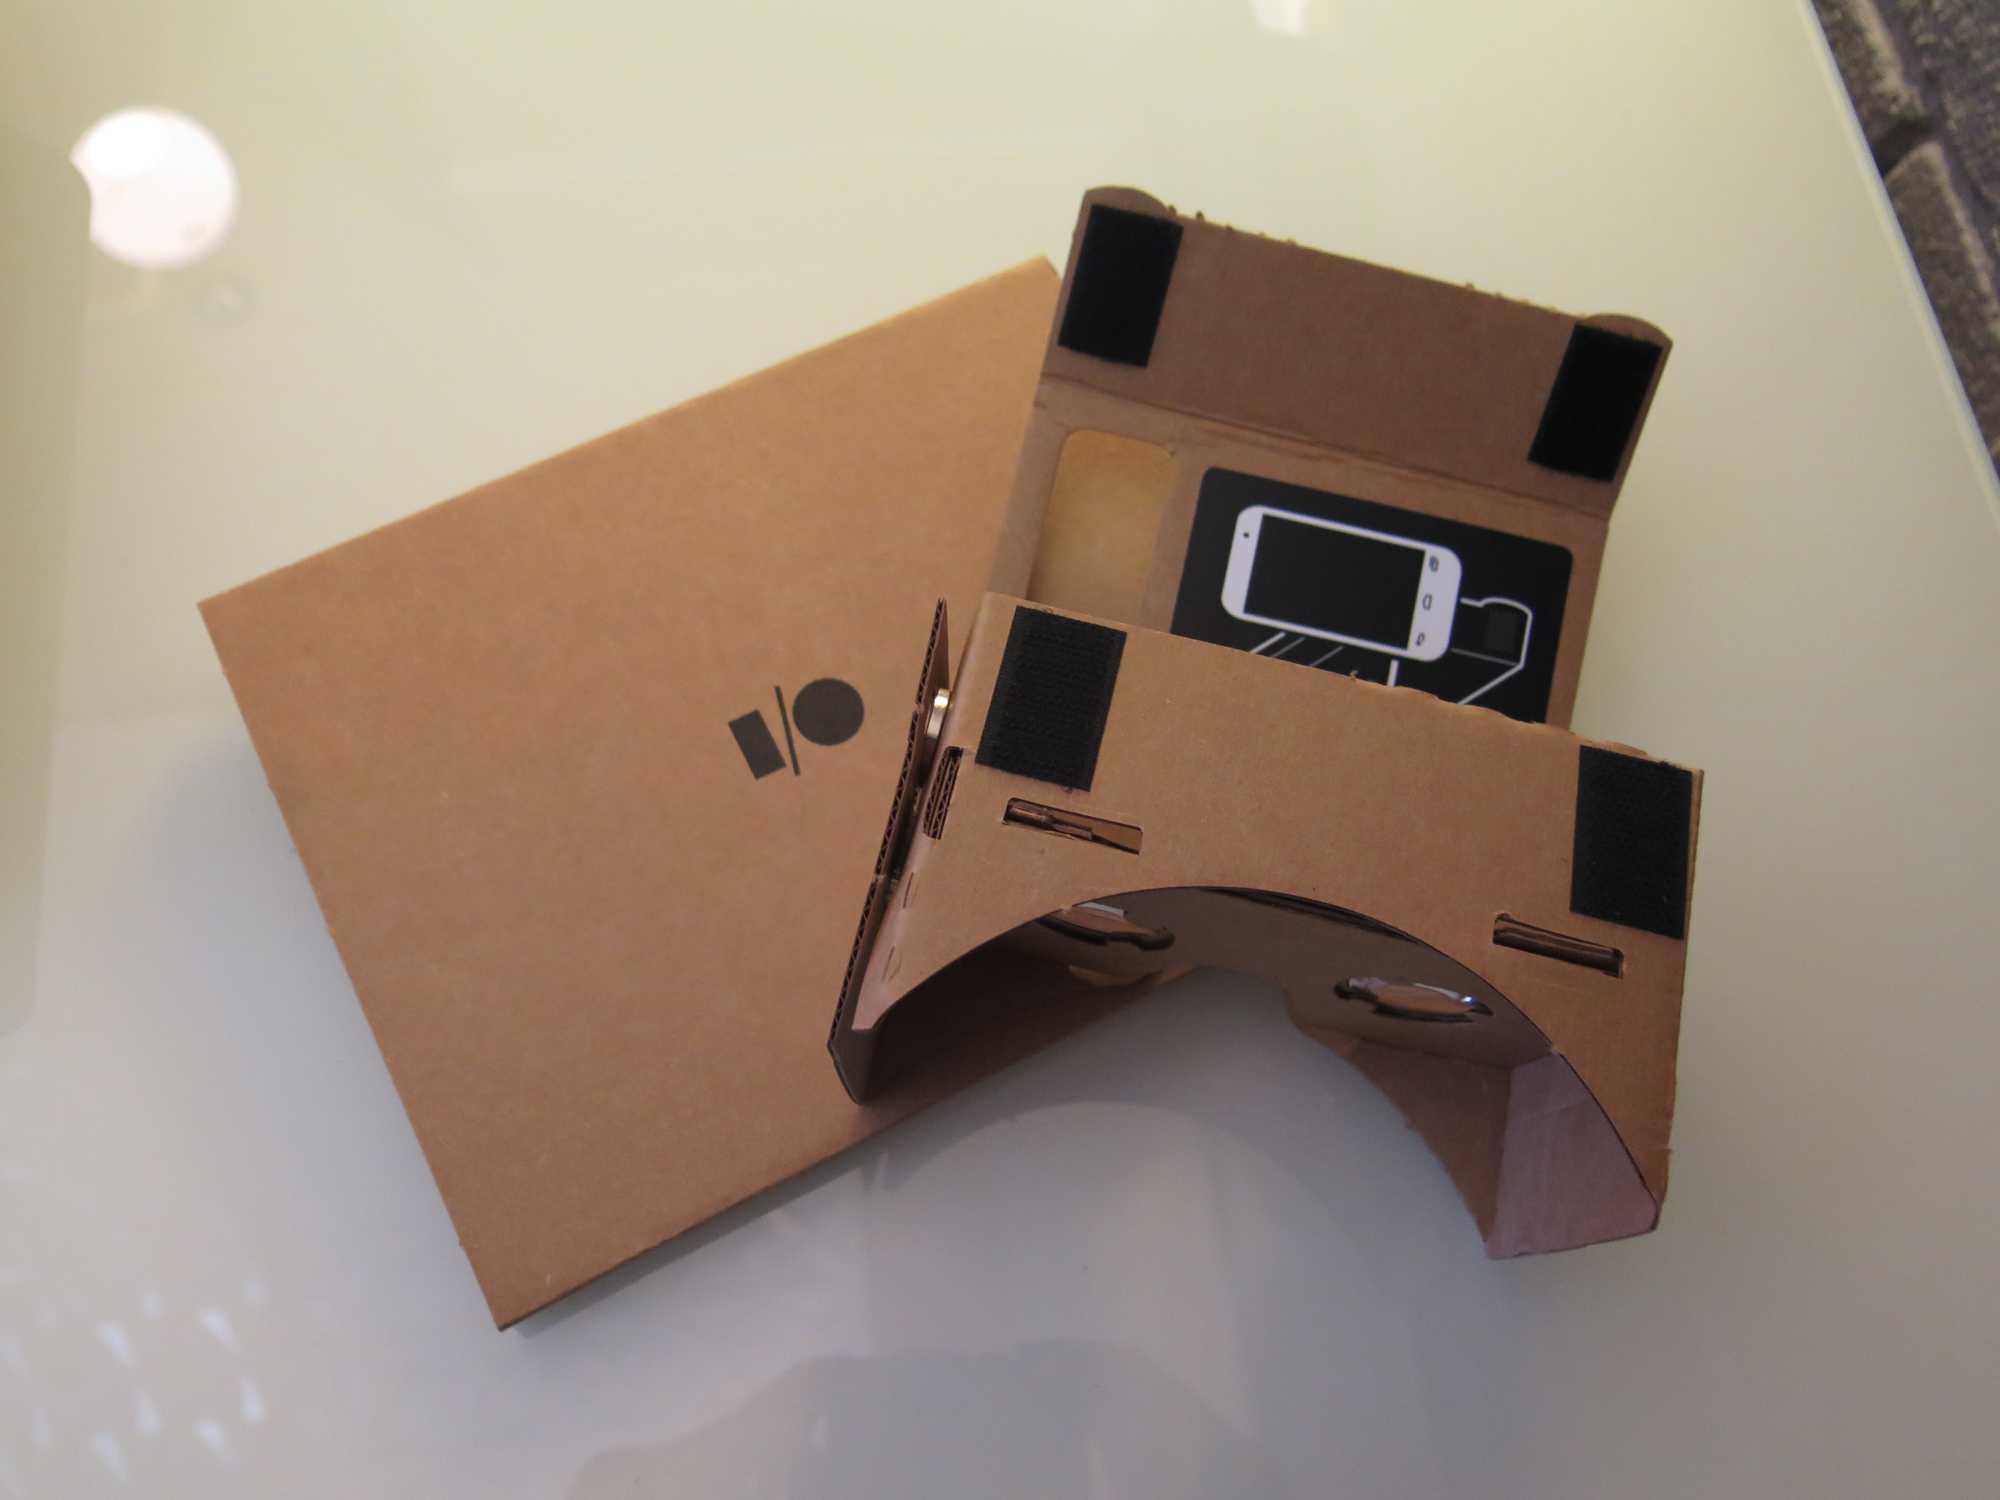 Ein Pappkarton, zwei Linsen, Klettverschlüsse und ein NFC-Tag: Das ist Google Cardboard.